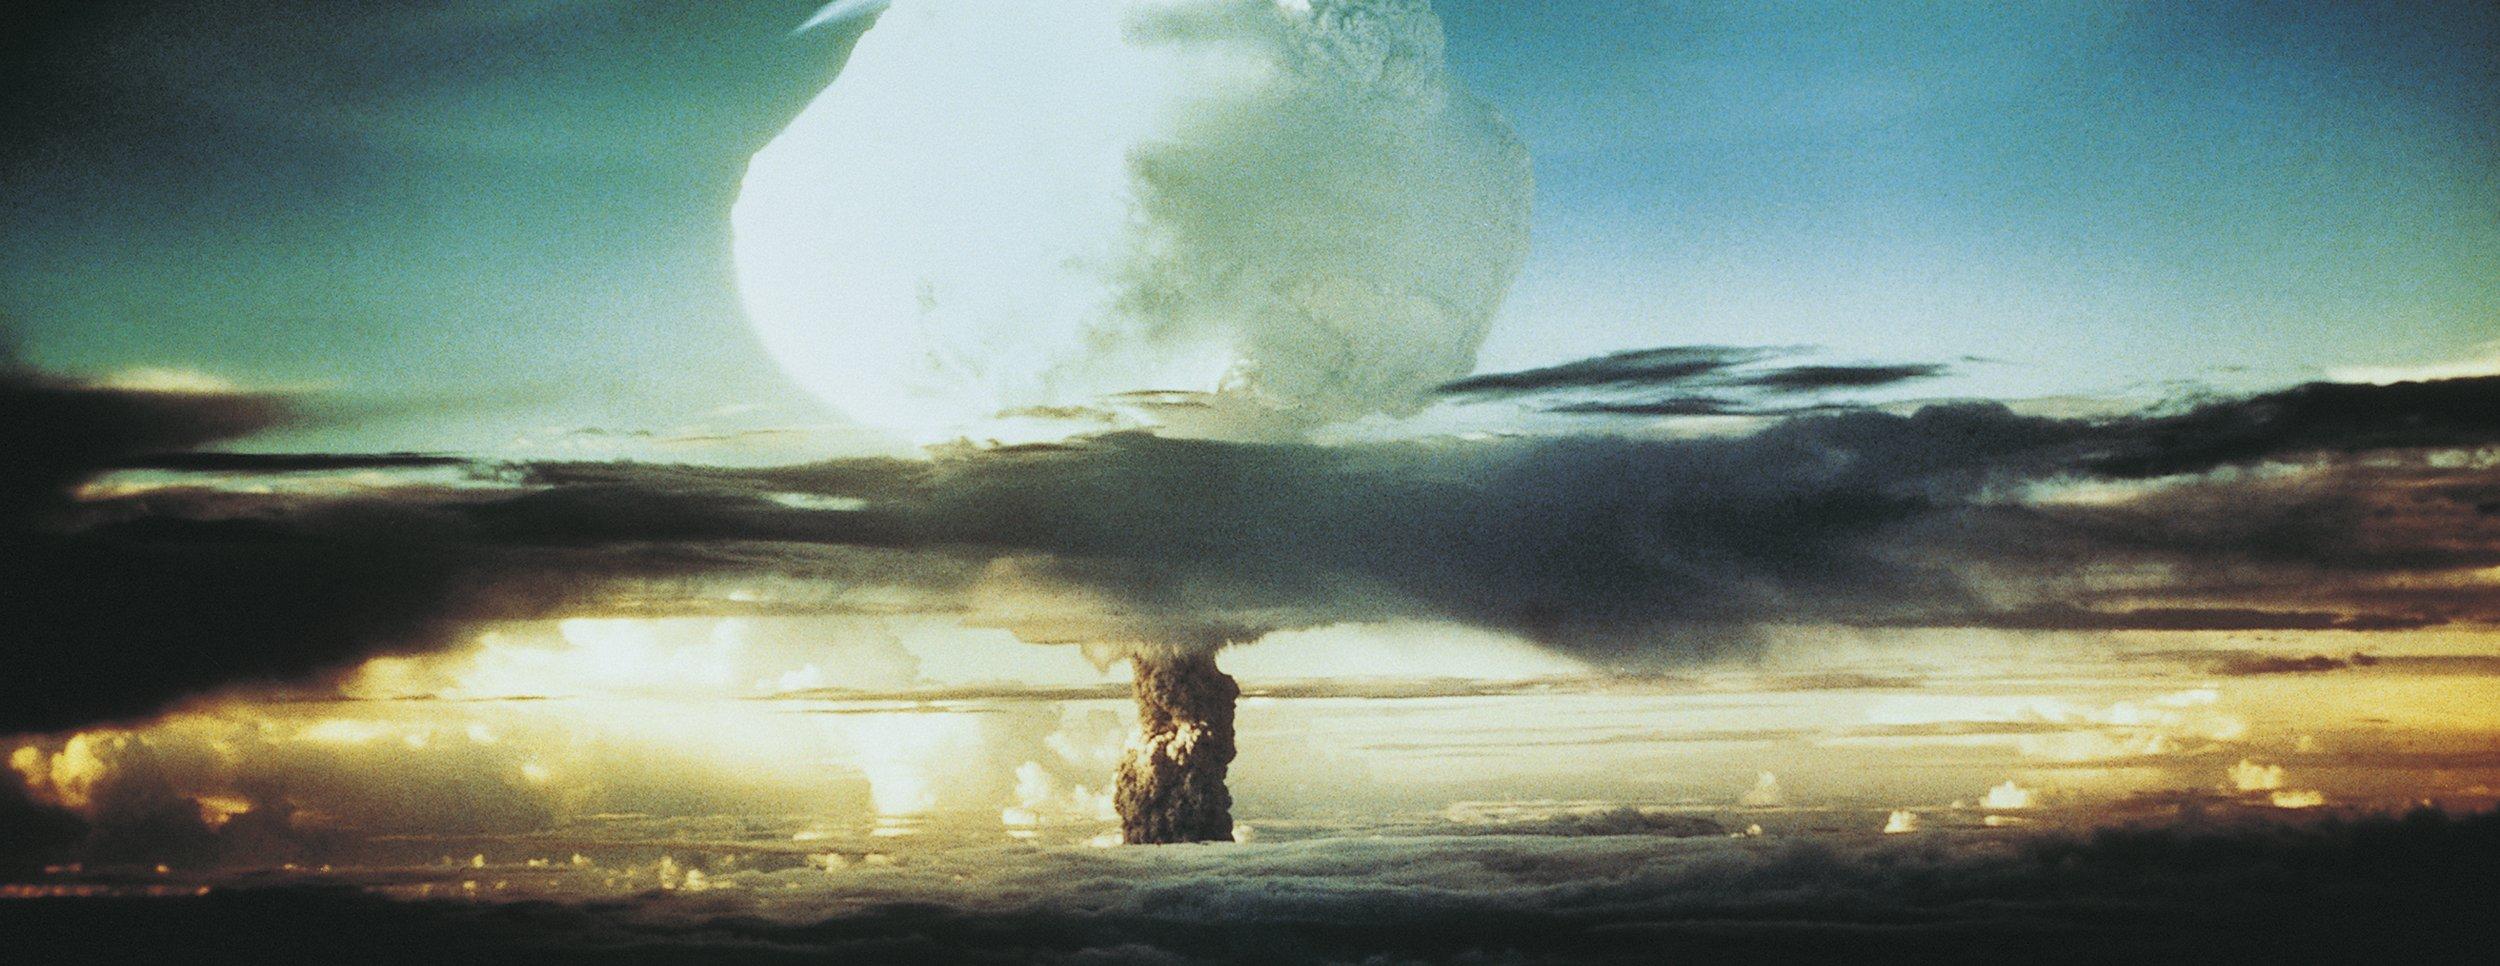 awww.nbim.no_globalassets_timeline_2004_atombombe_tidslinjen_2.